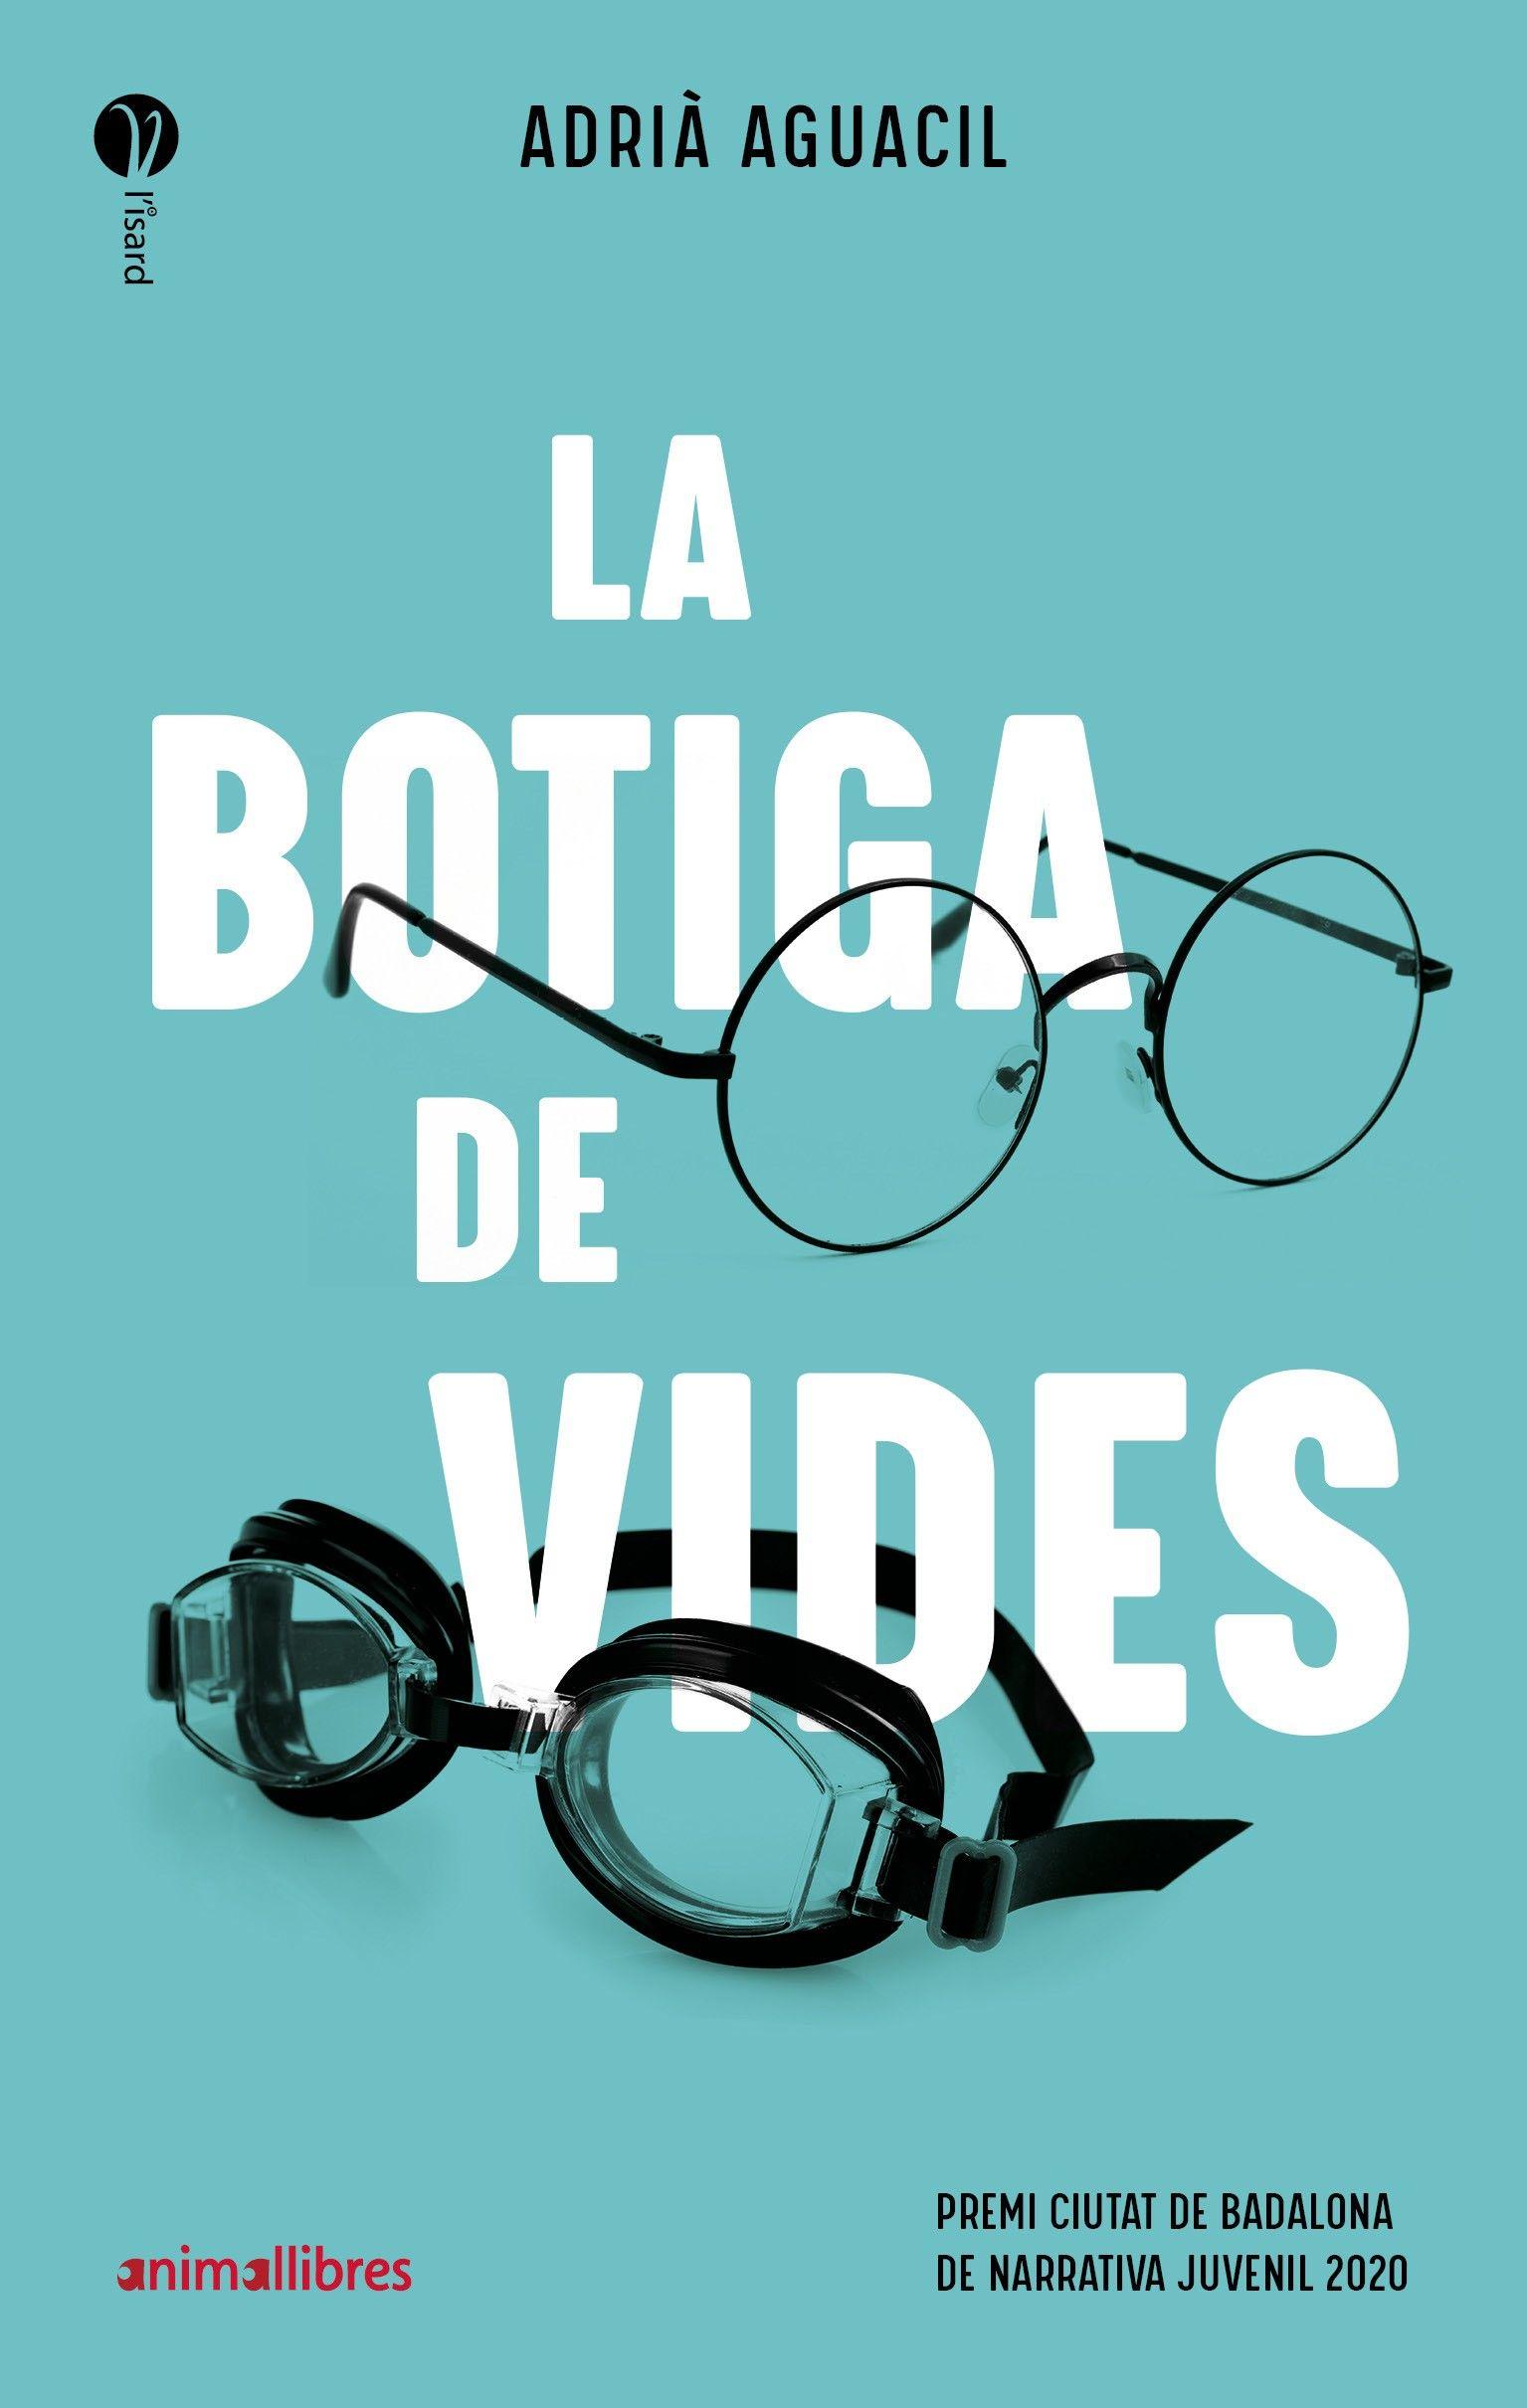 BOTIGA DE VIDES